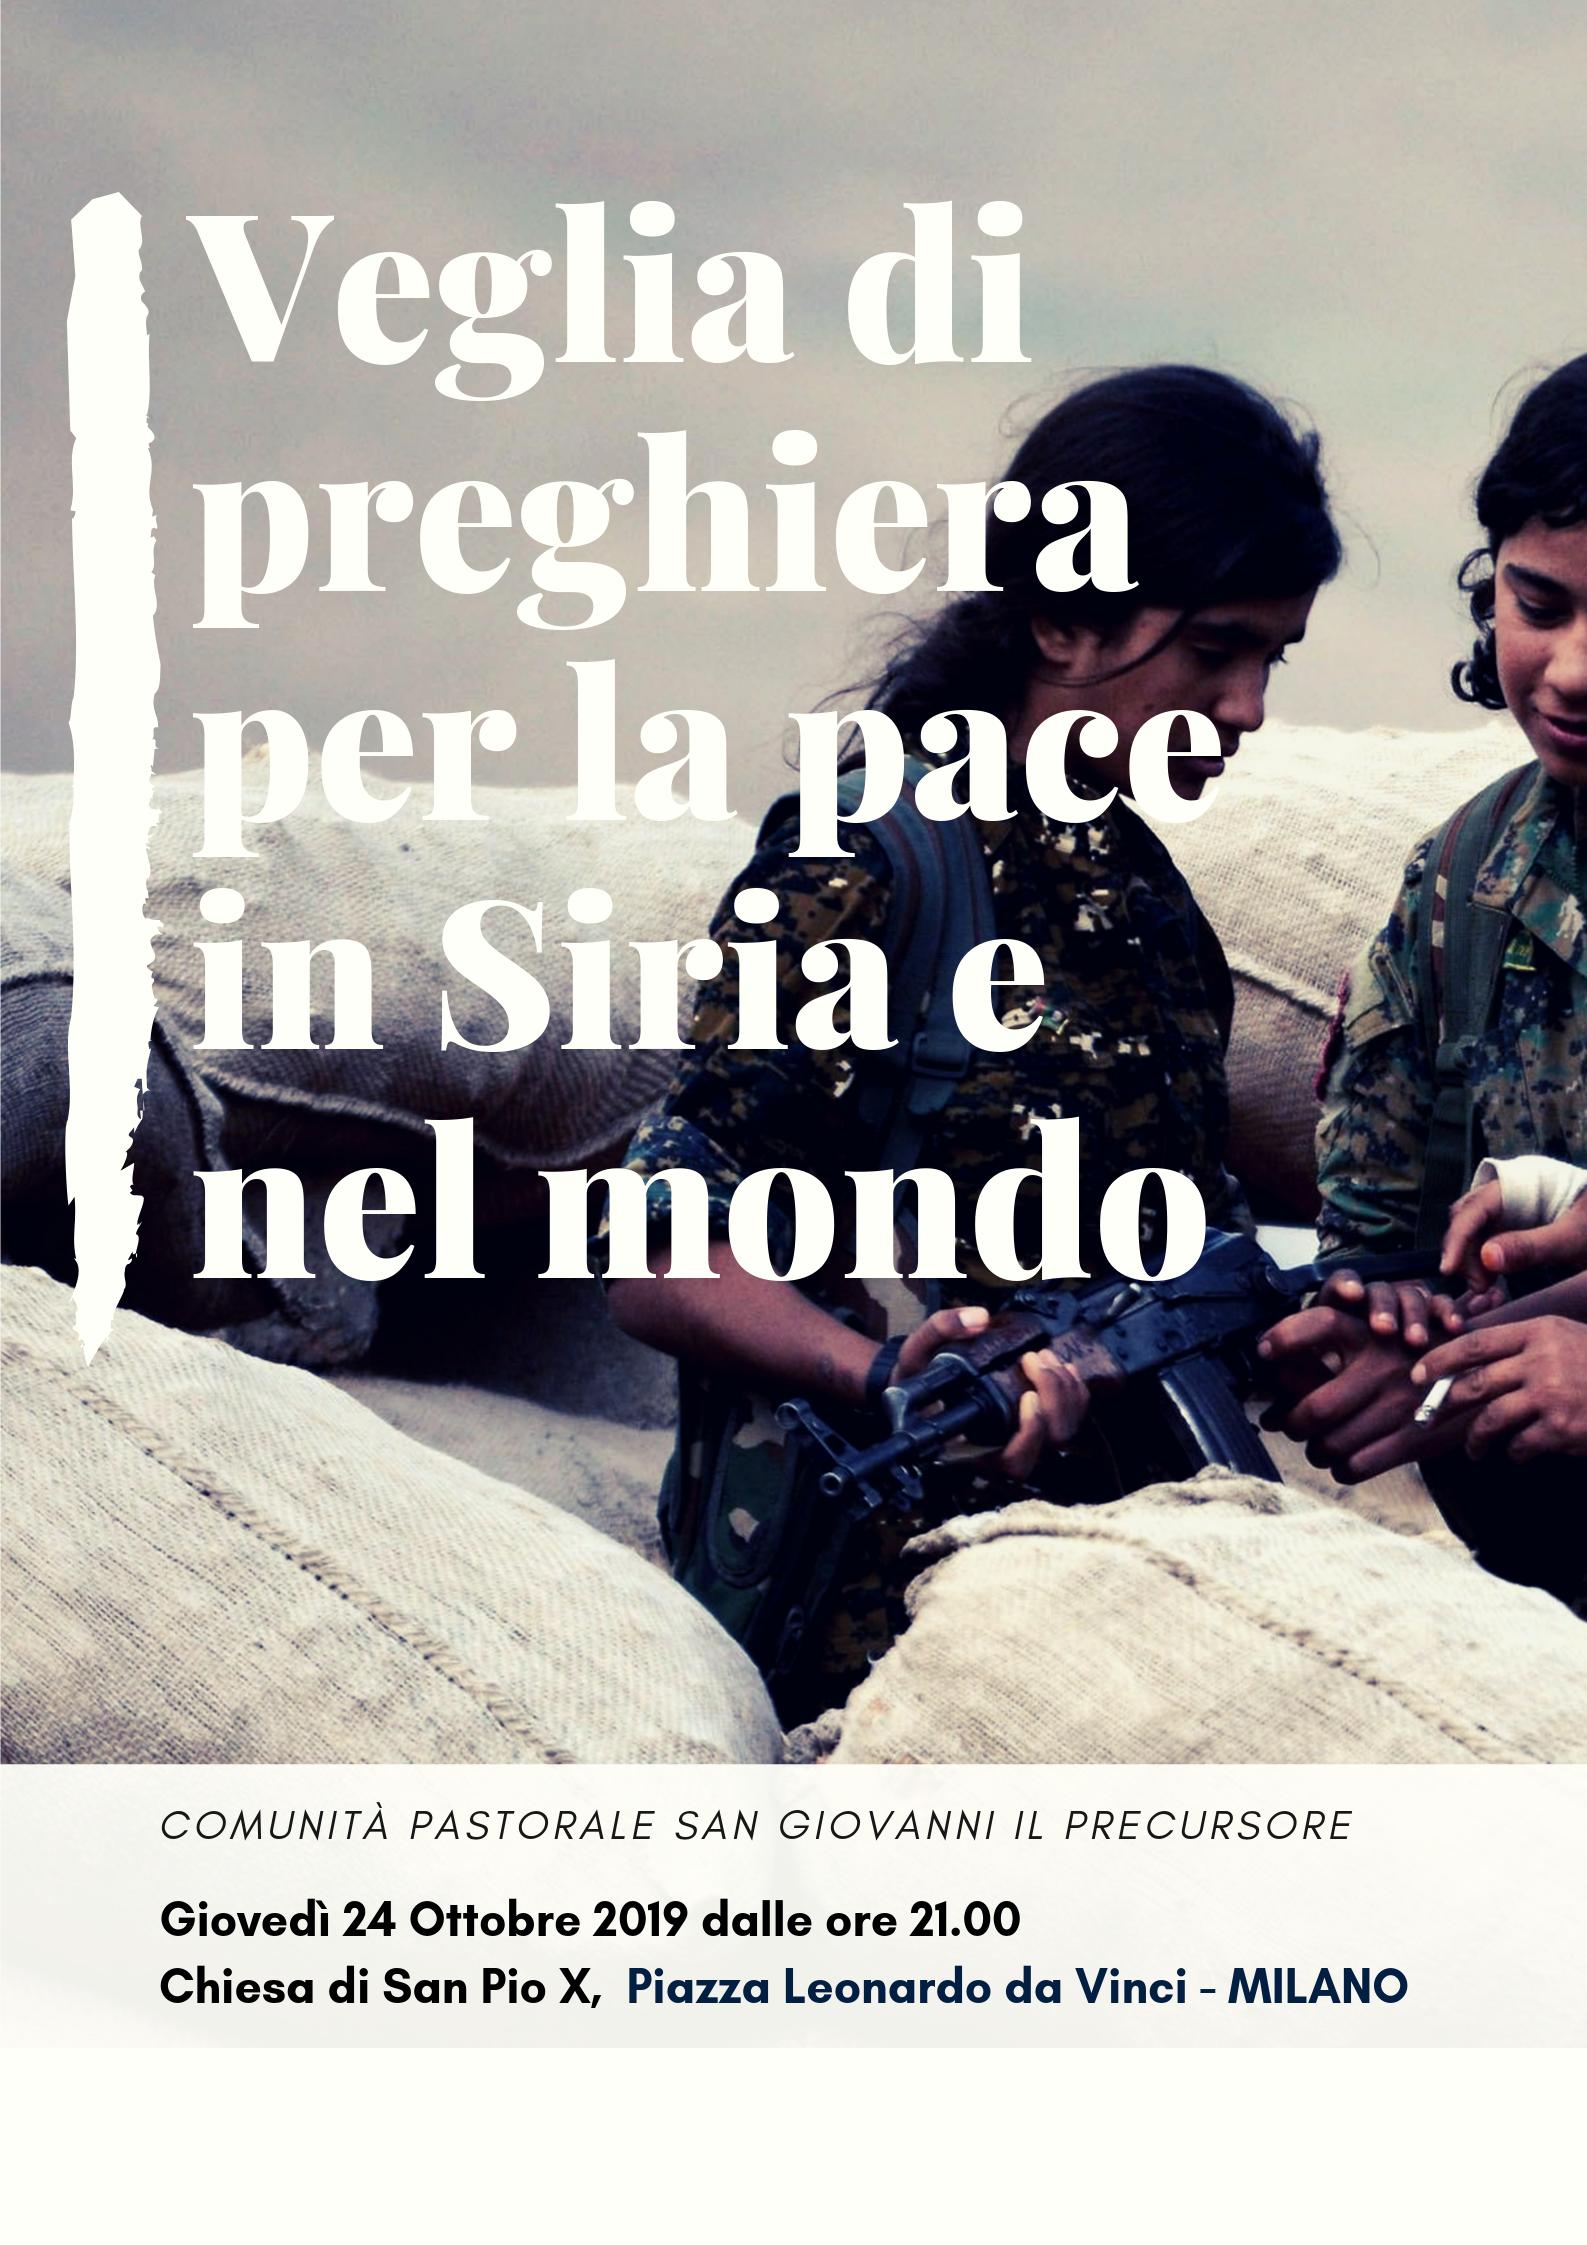 _veglia_preghiera_siria